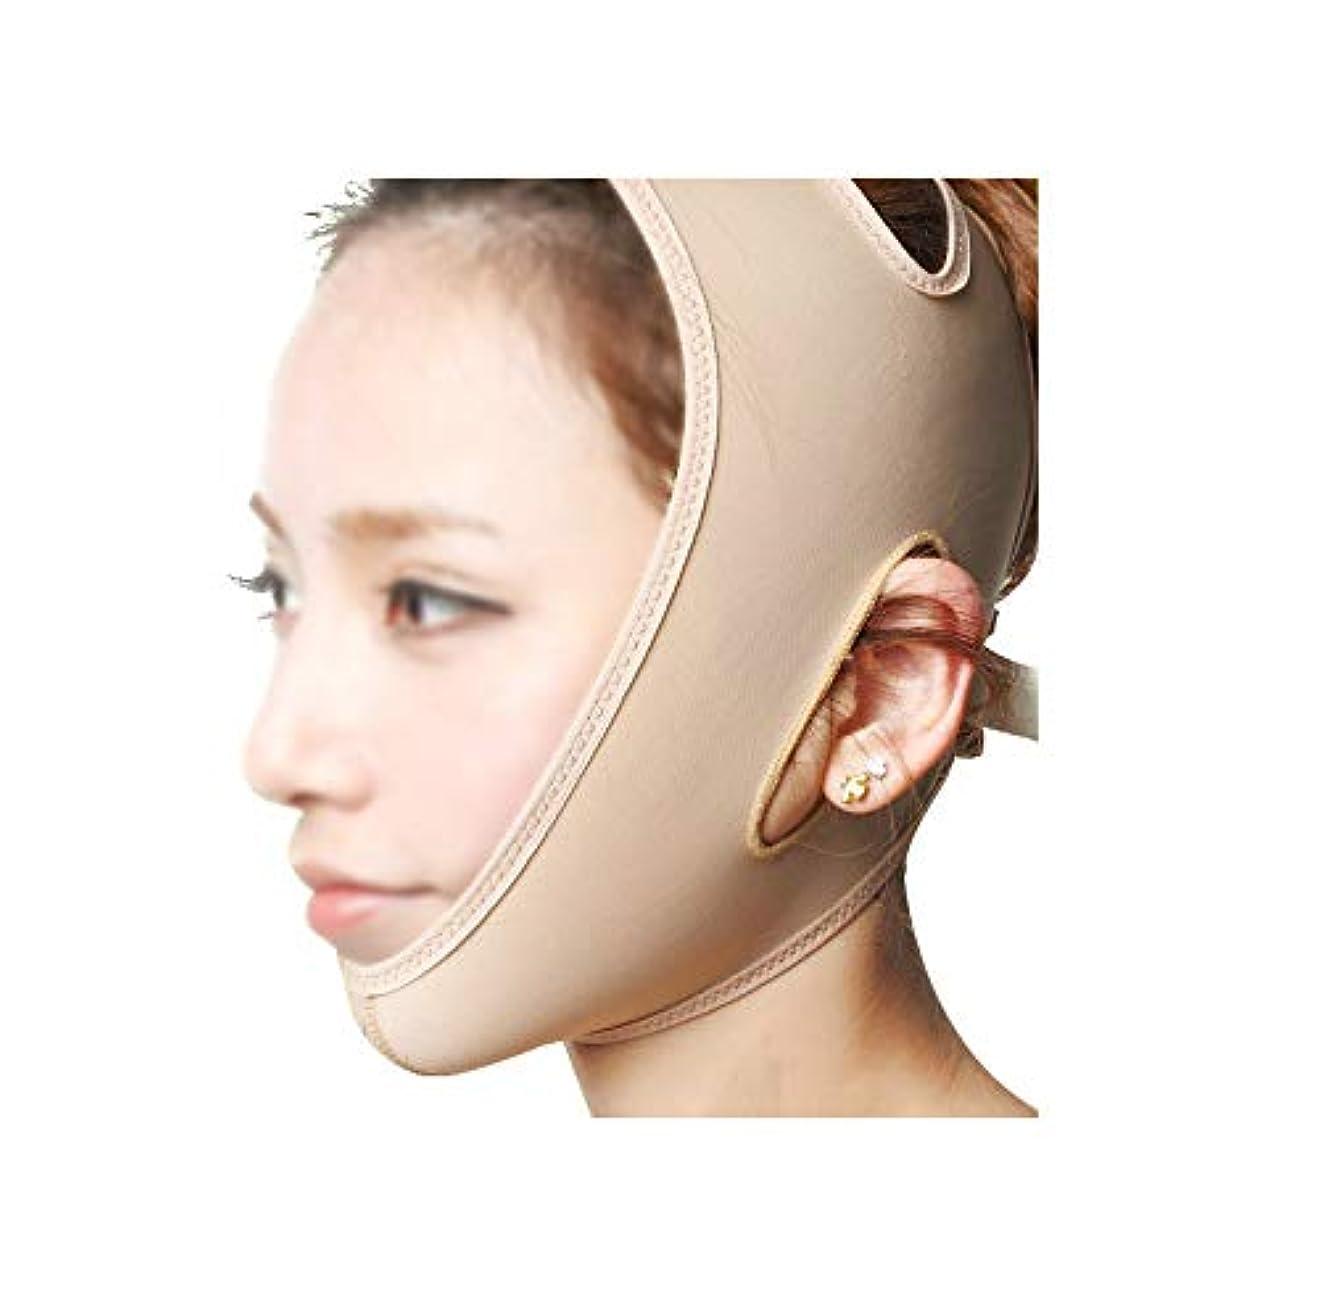 フェイスリフティング包帯vフェイス楽器フェイスマスクアーチファクトフェイスリフティング引き締めフェイシャルマッサージ通気性肌のトーン (Size : S)